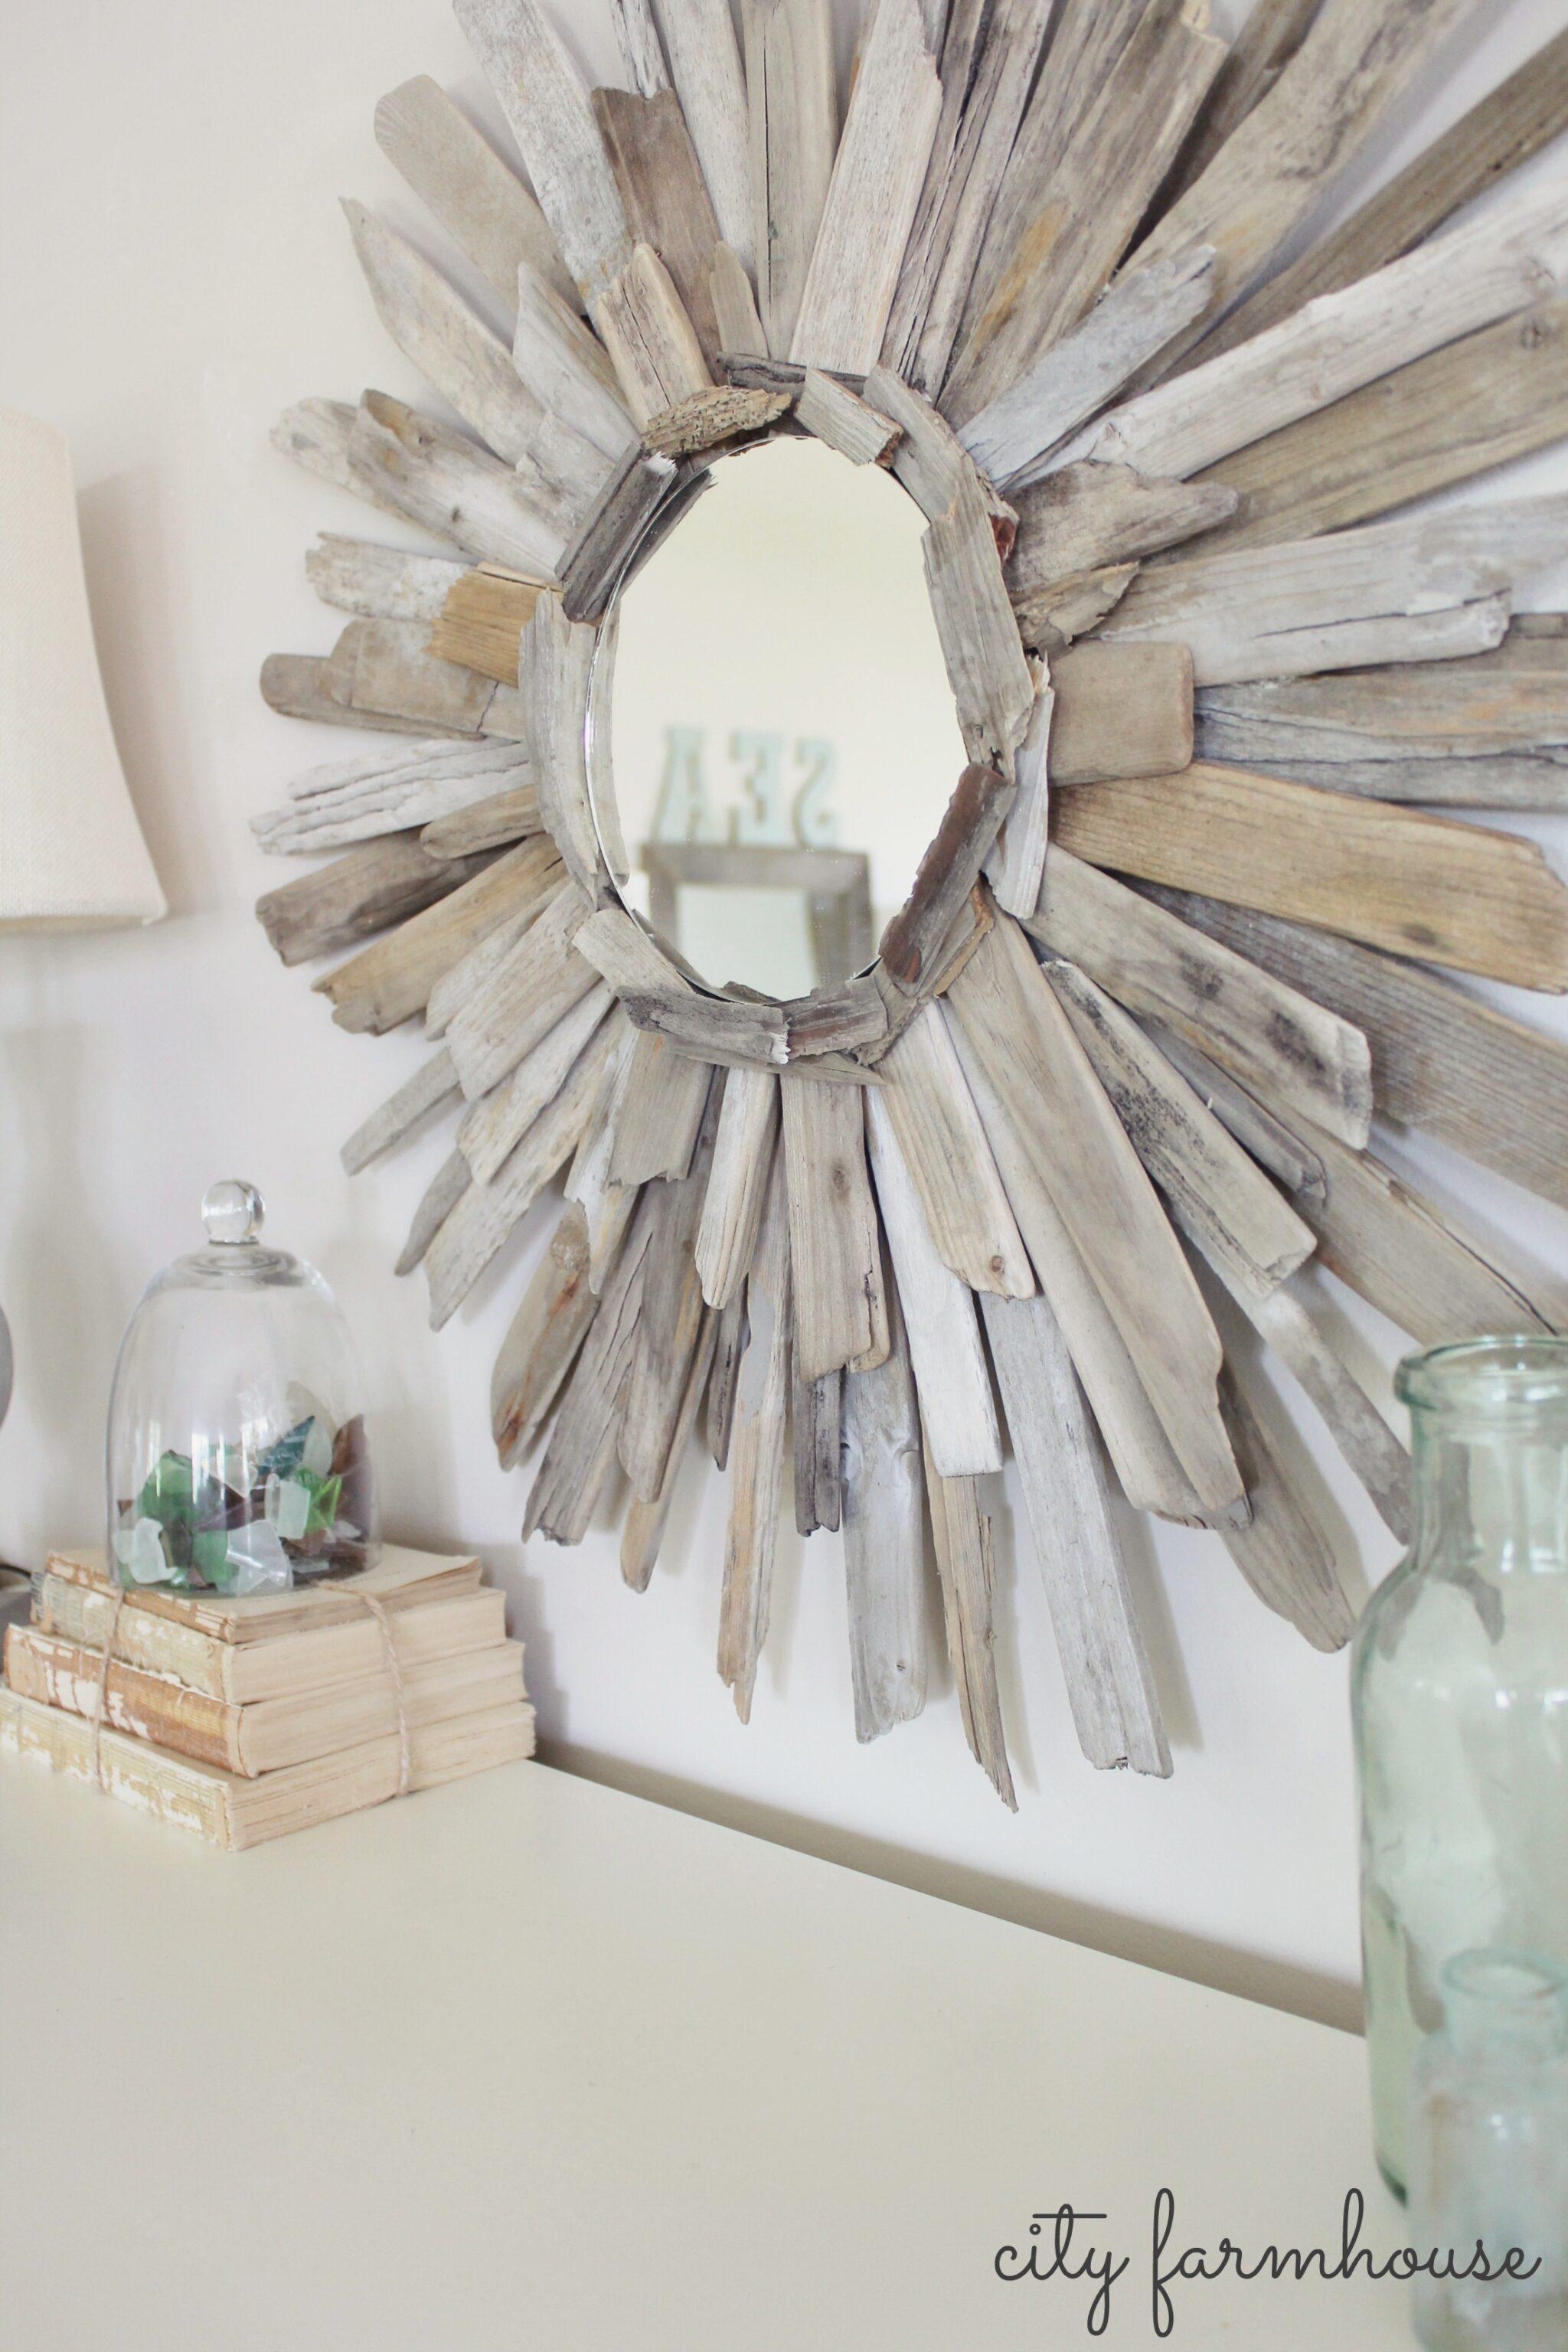 City Farmhouse Diy Thrifty Pretty Driftwood Mirror Budget Friendly Project